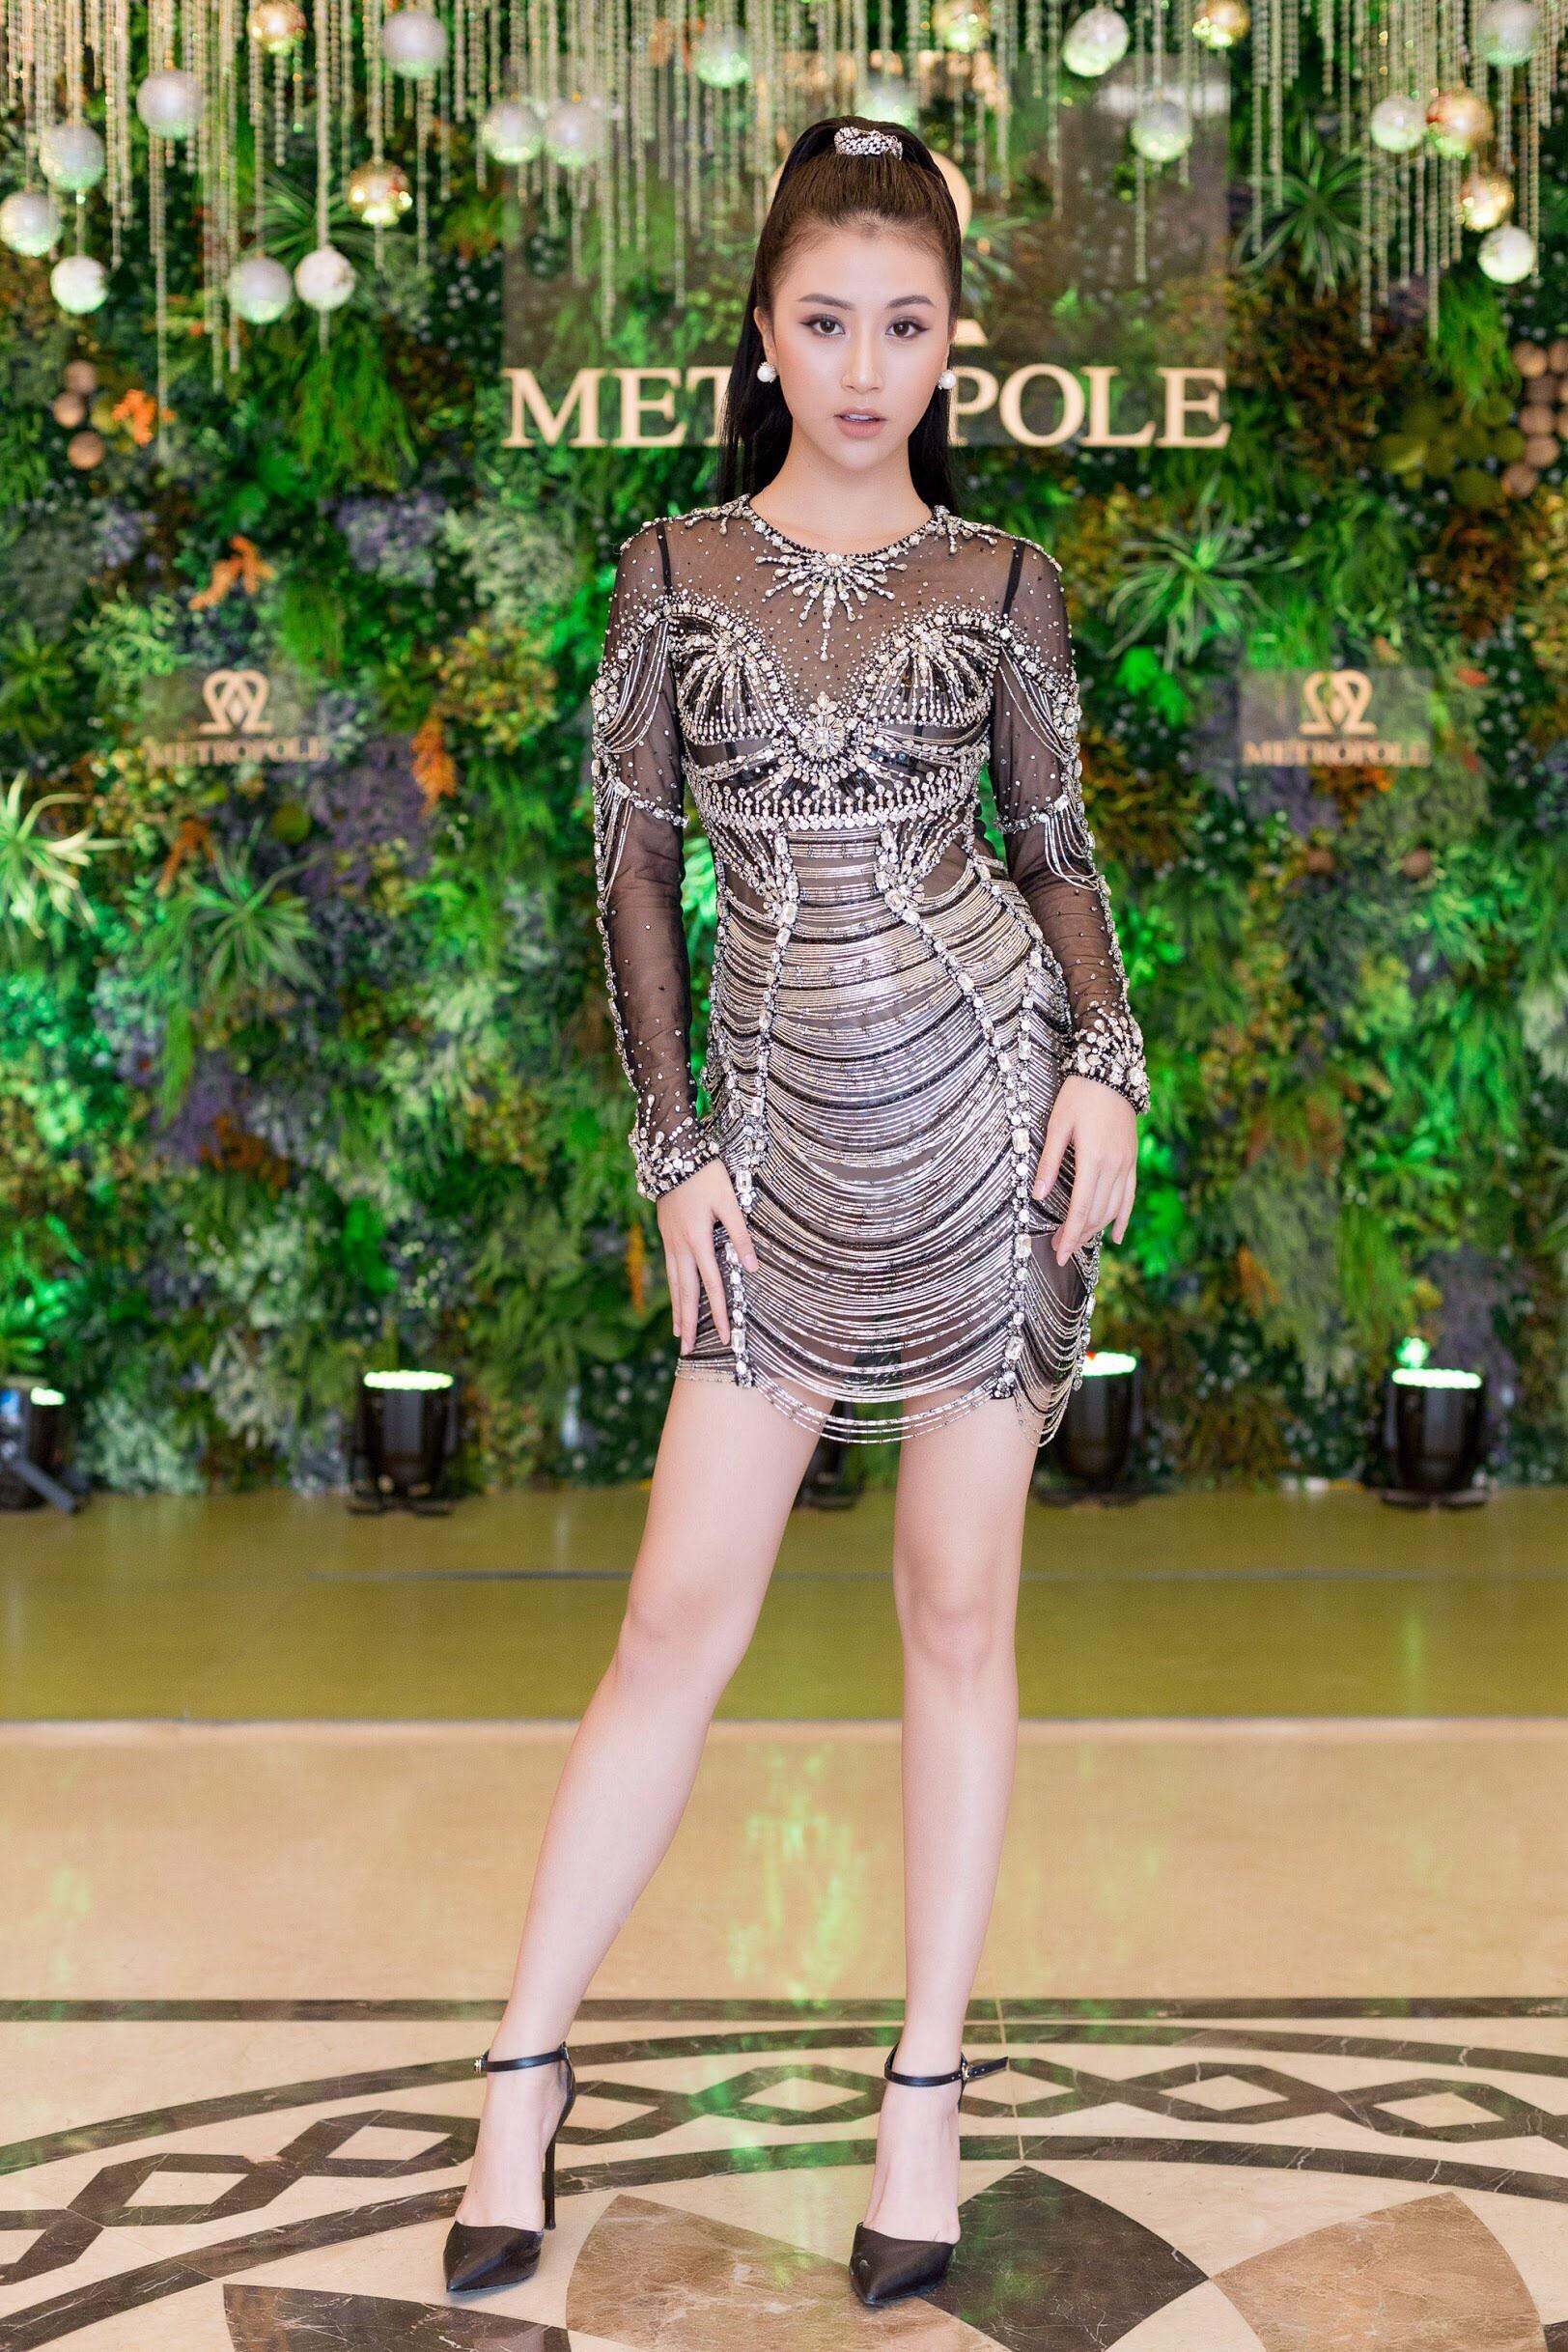 Váy sexy trưởng thành của Quỳnh Anh Shyn hóa ra được diva Thu Minh mặc từ 5 tháng trước - Ảnh 4.